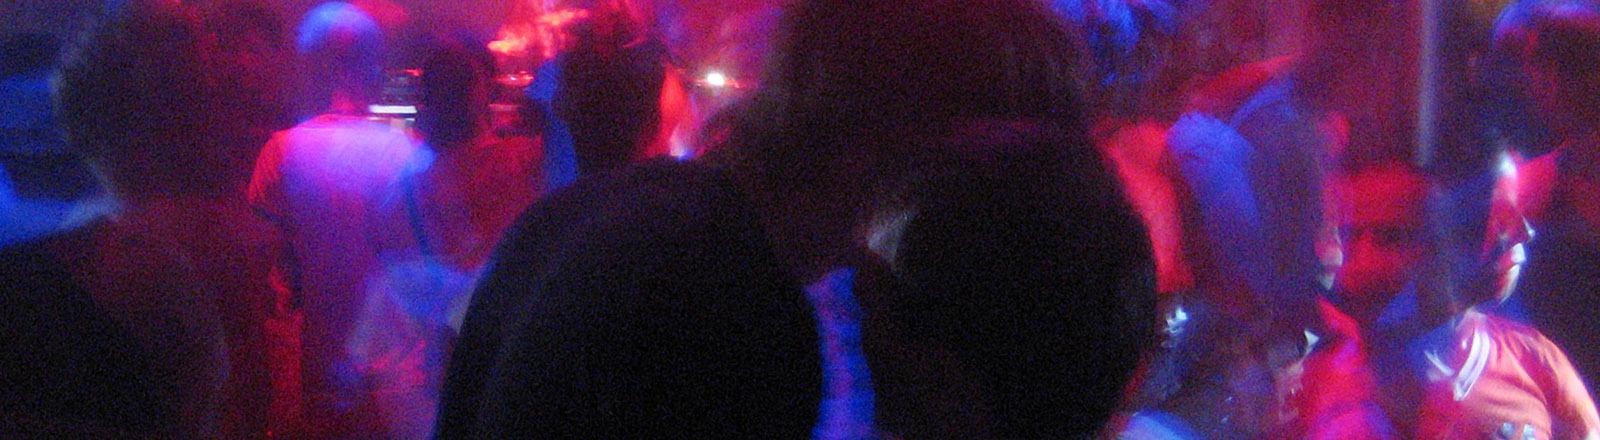 Ein Paar küsst sich auf der Tanzfläche in einem Club.